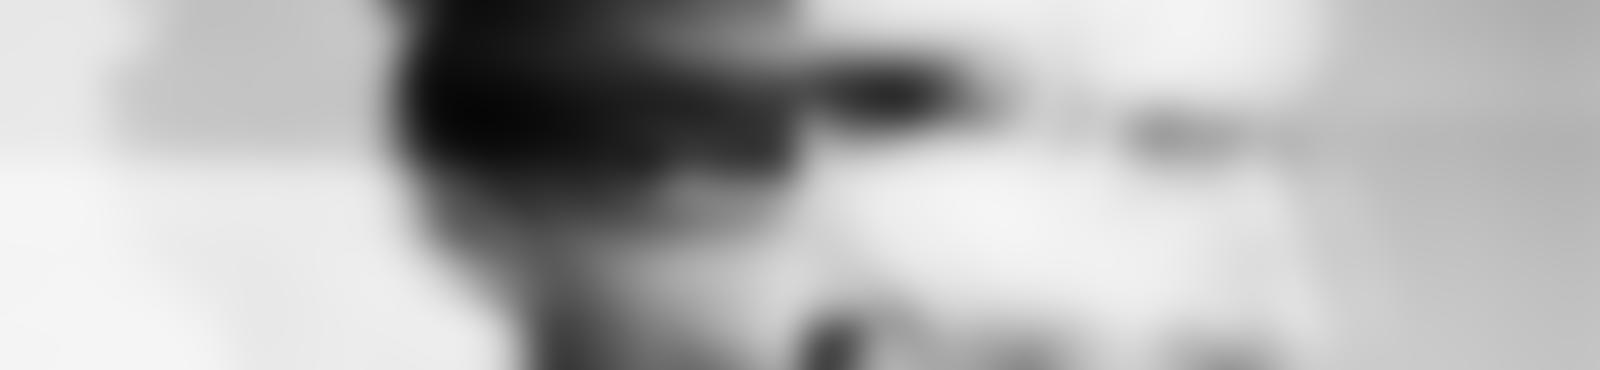 Blurred 7cb19c66 1107 475c 8c1b 7f2c9fddf72e